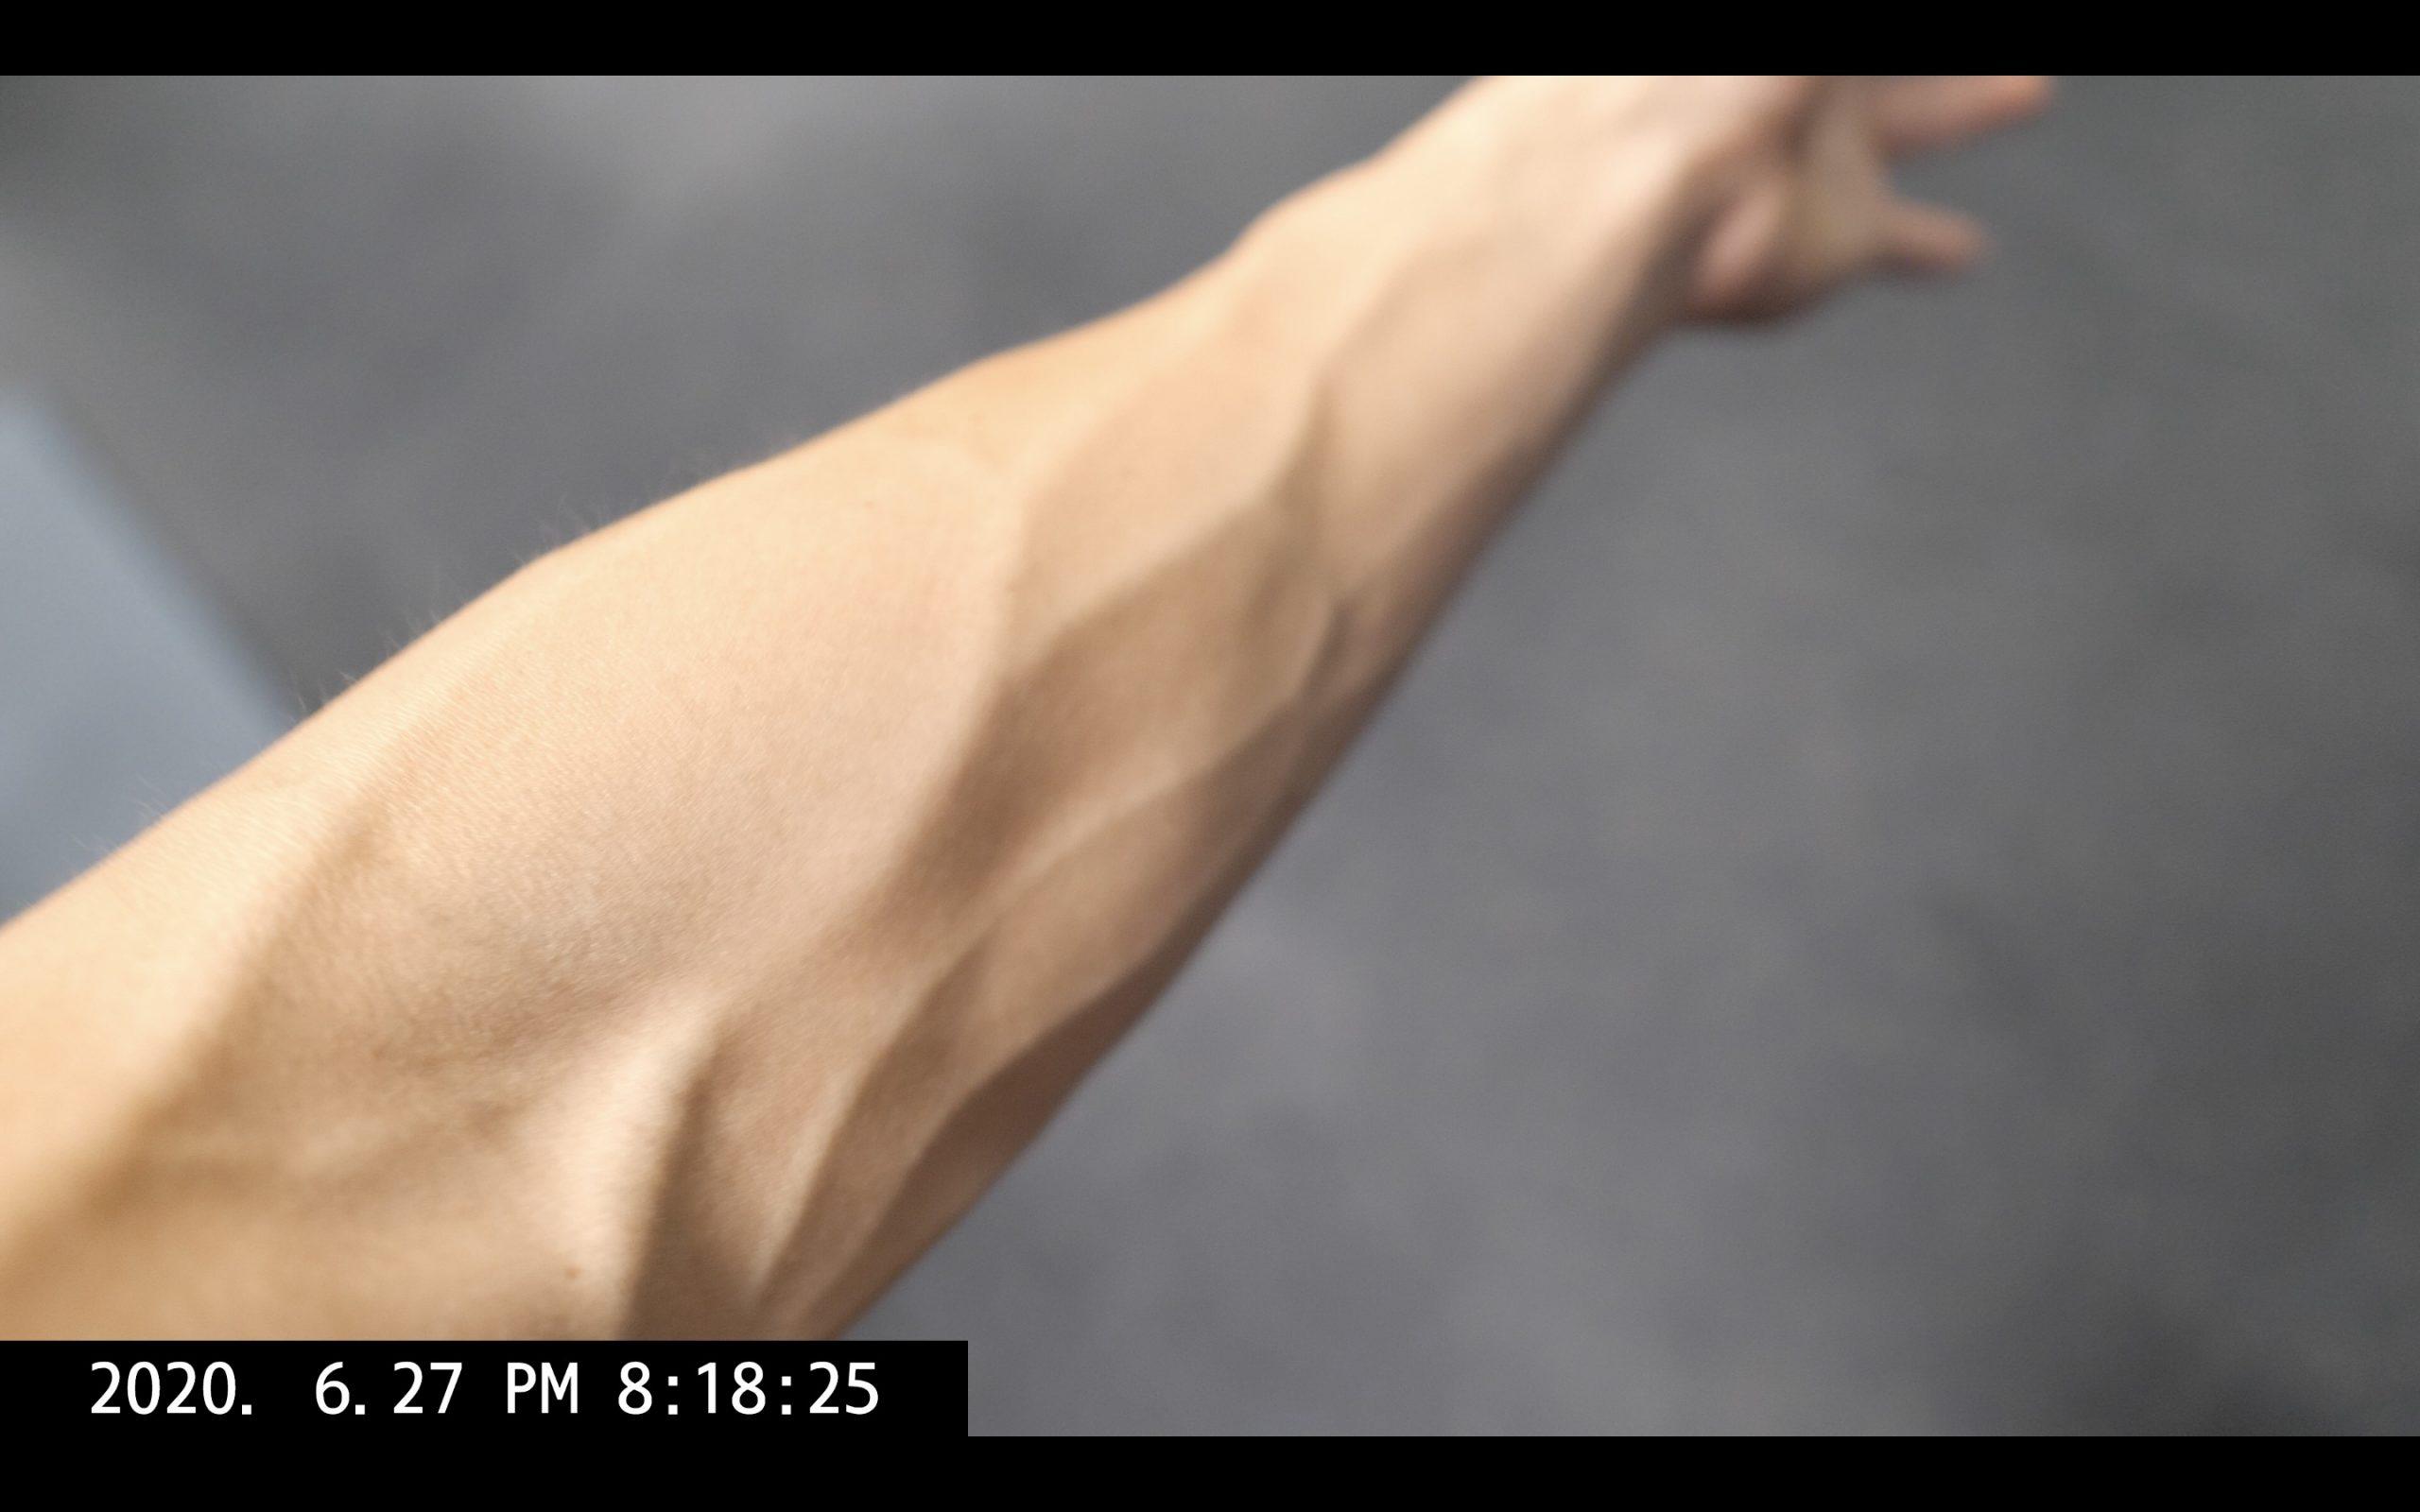 Eric Kim arm vein selfie